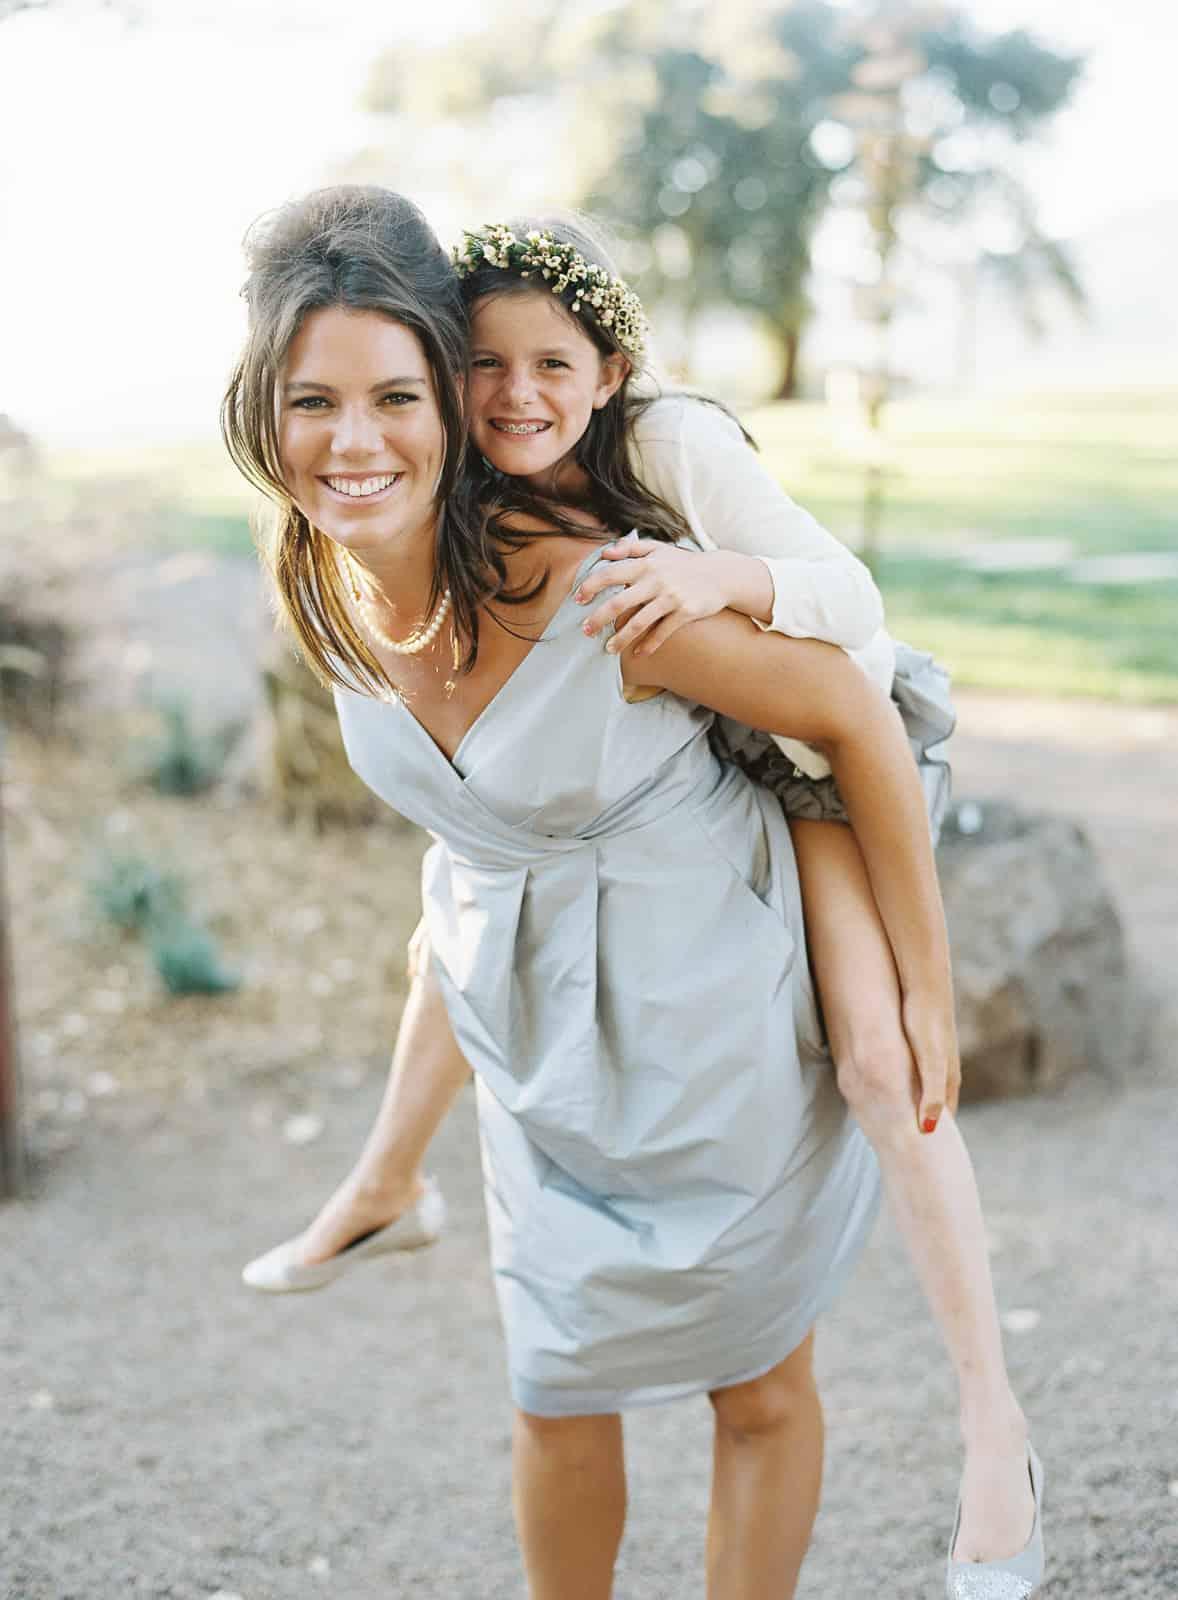 bridesmaid piggyback ride